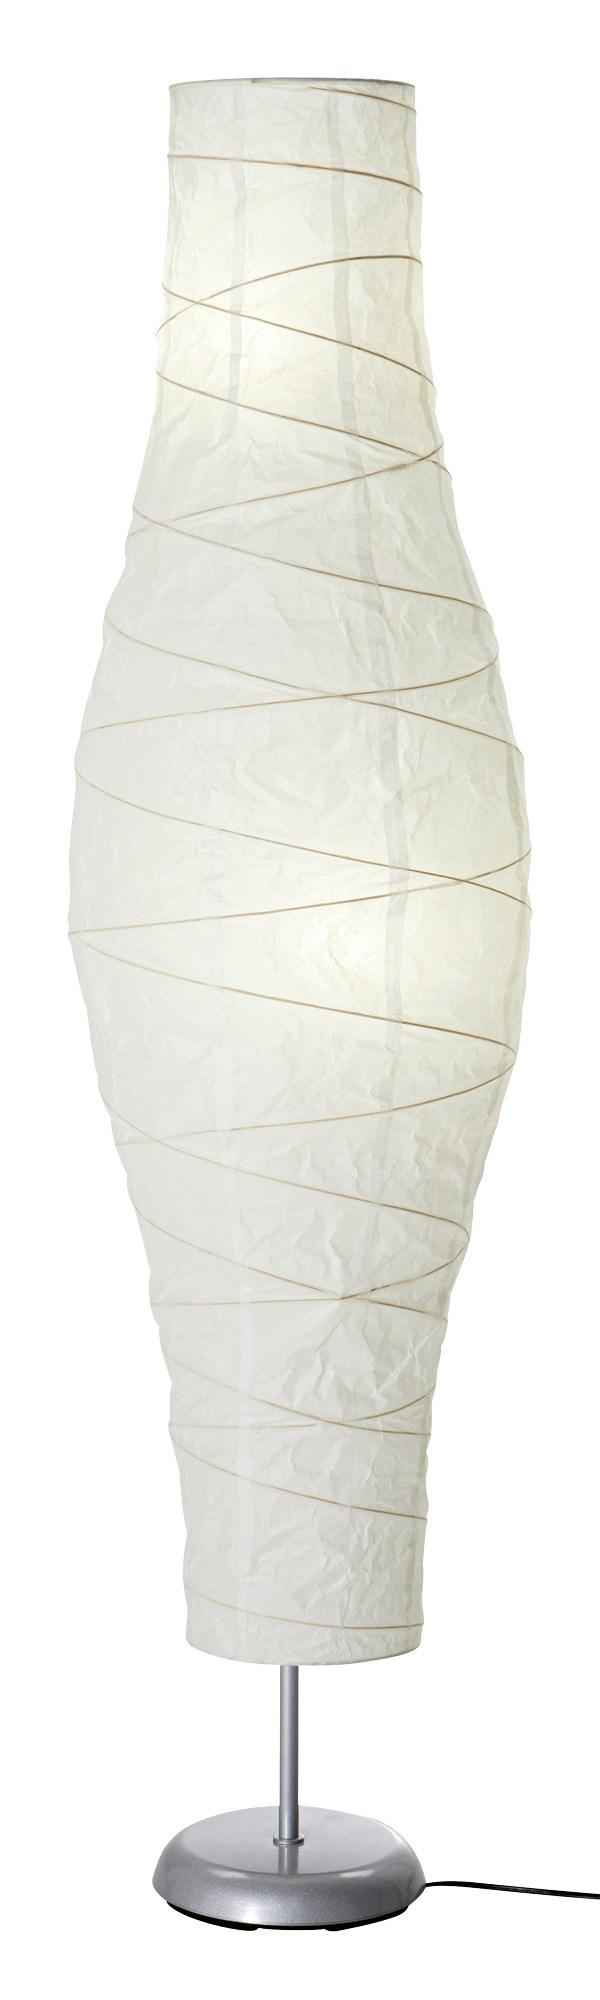 15\. 'Duderoö' floor lamp, $19.95, from [IKEA](http://www.ikea.com/au/en/).